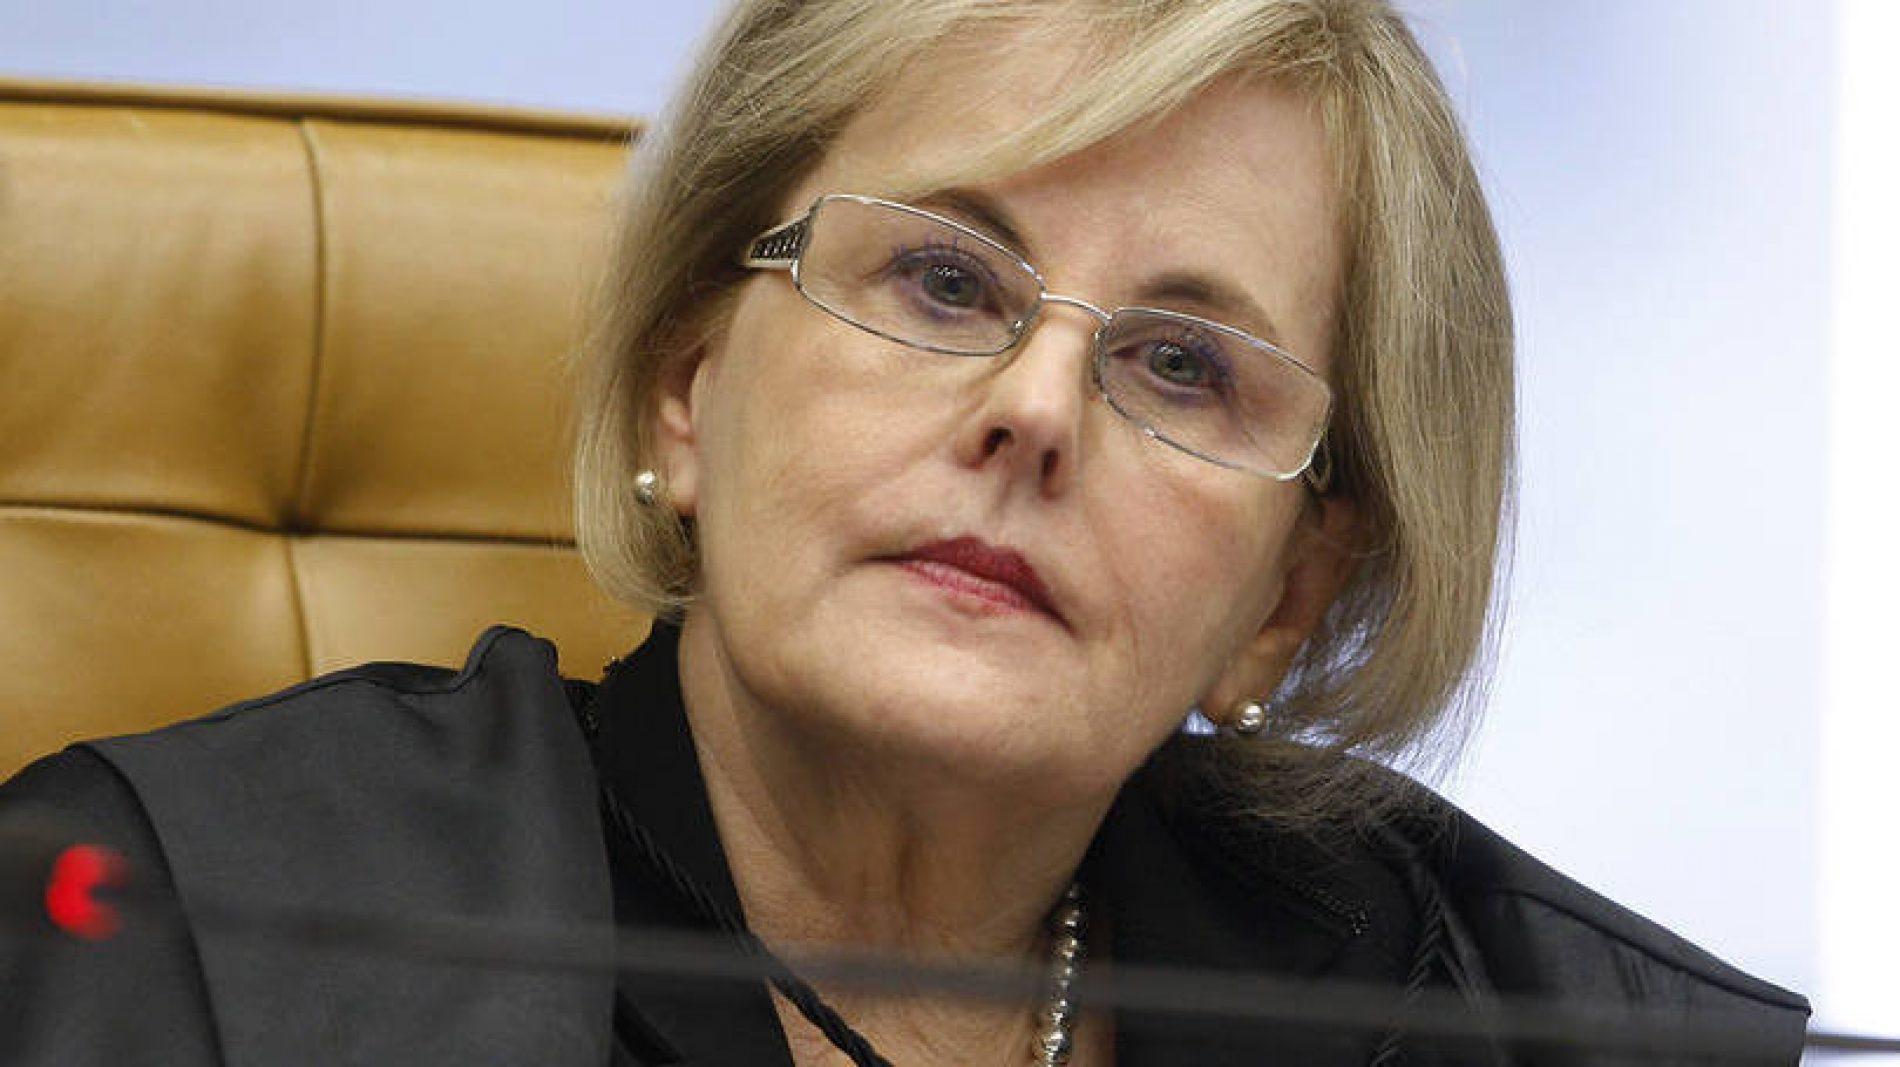 Rosa Weber levará ao plenário do STF ação contra MP que beneficiou Moreira Franco